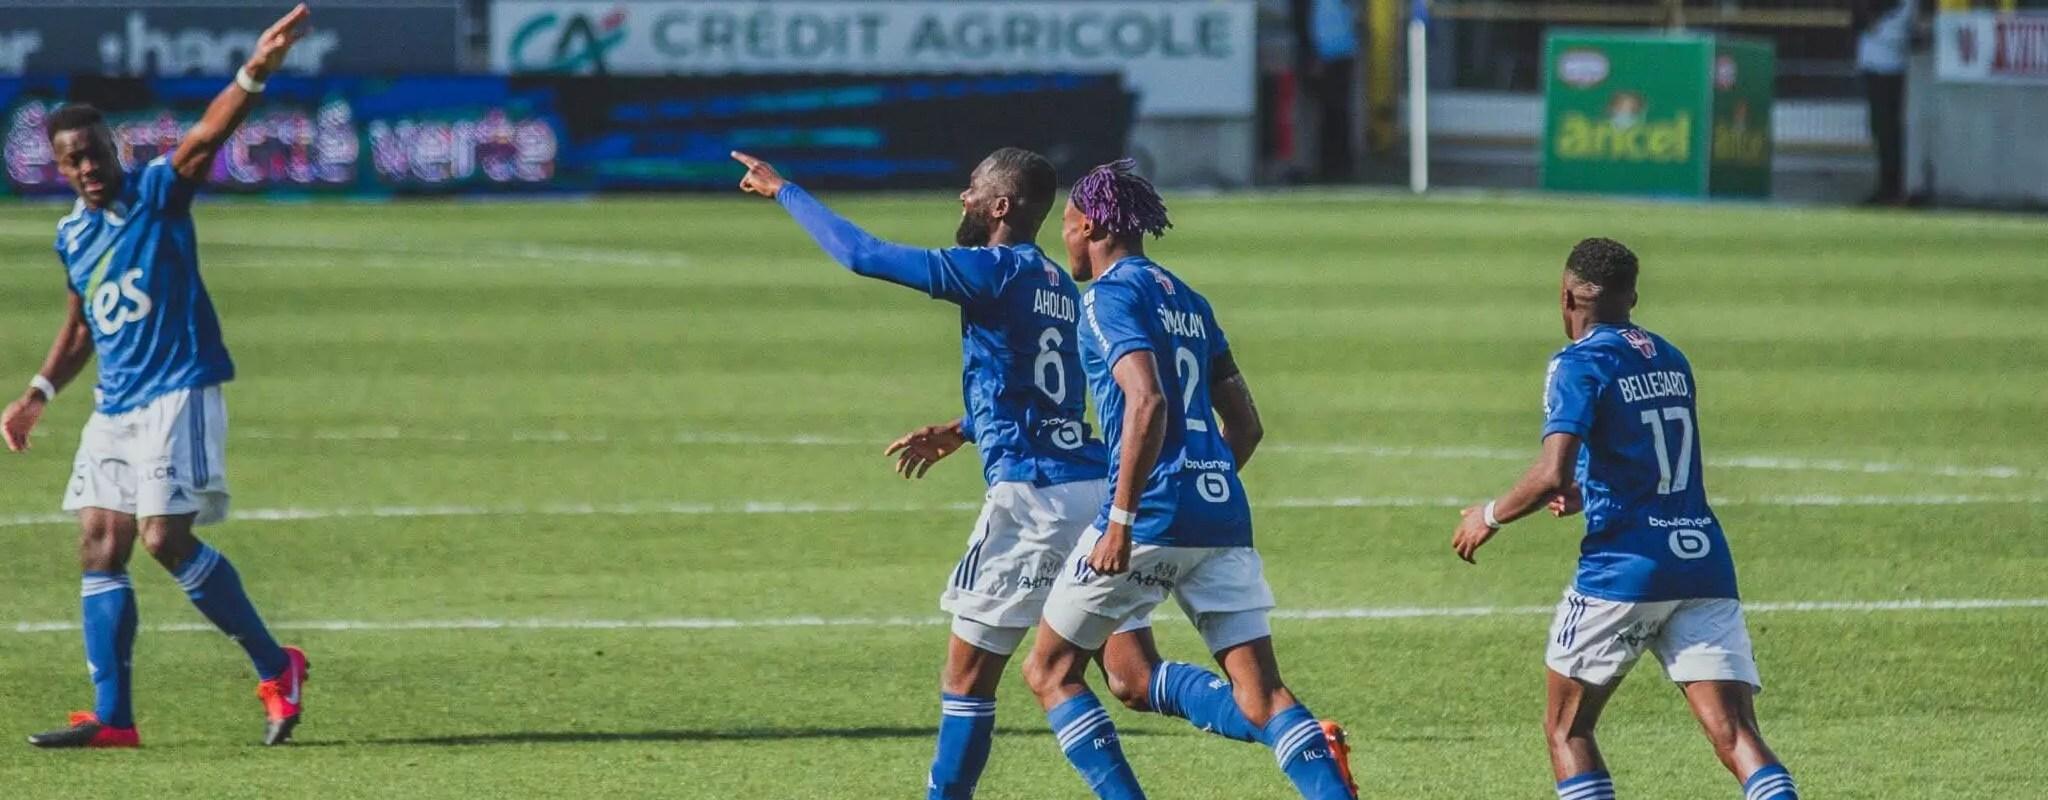 Face à Saint-Étienne, le Racing espère garder la «bonne dynamique» du début de l'année